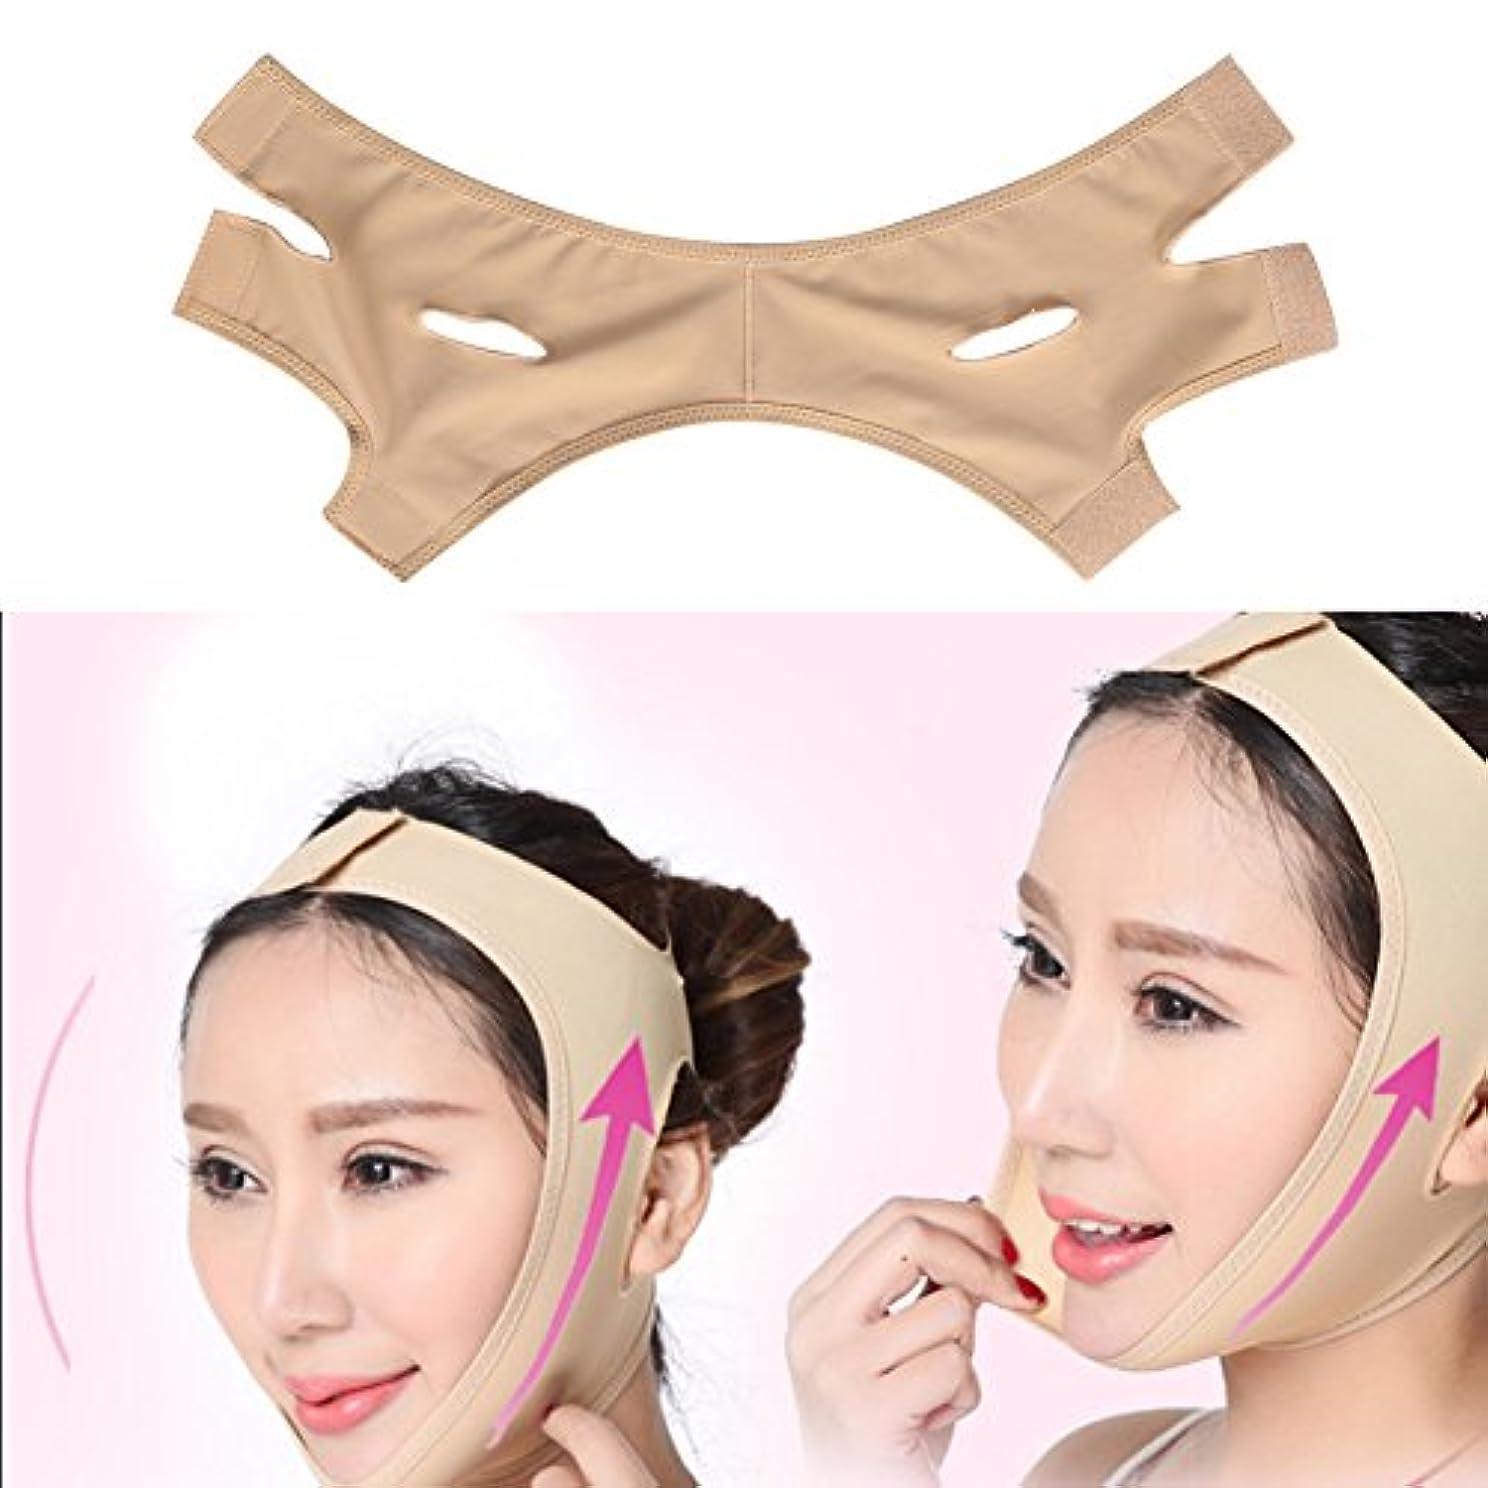 新しい意味助けて証言するフェイス引き締めマスク、フェイスリフトマスク、フェイスリフティング痩身包帯引き締めマッサージシリコンパッド付きフェイスライン、Vラインベルトフェイシャルマスク(XL)